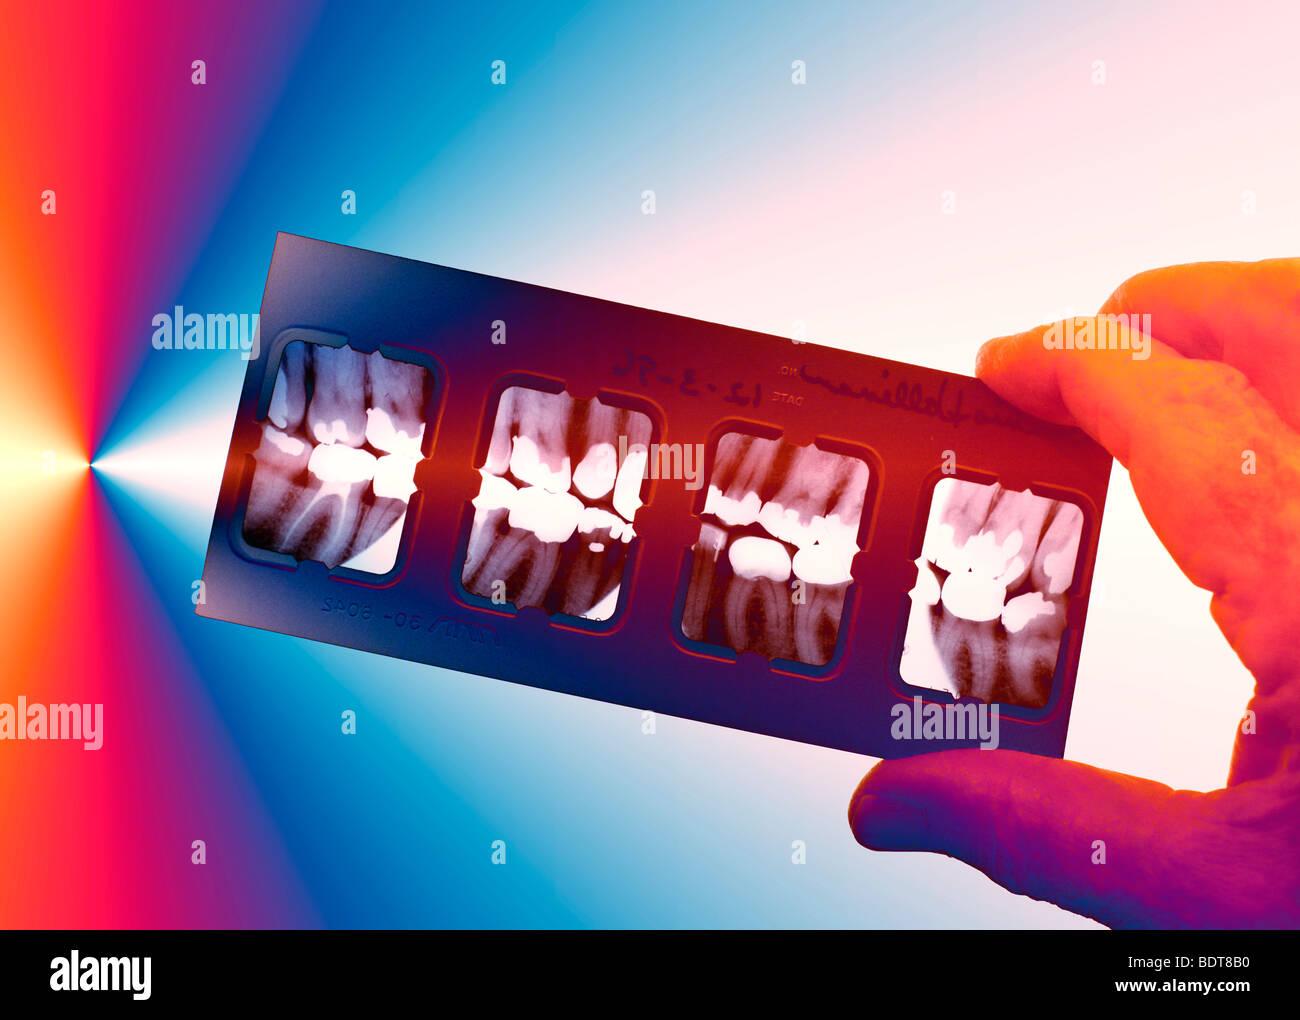 Operatore medico azienda apparecchiature odontoiatriche a raggi X Immagini Stock